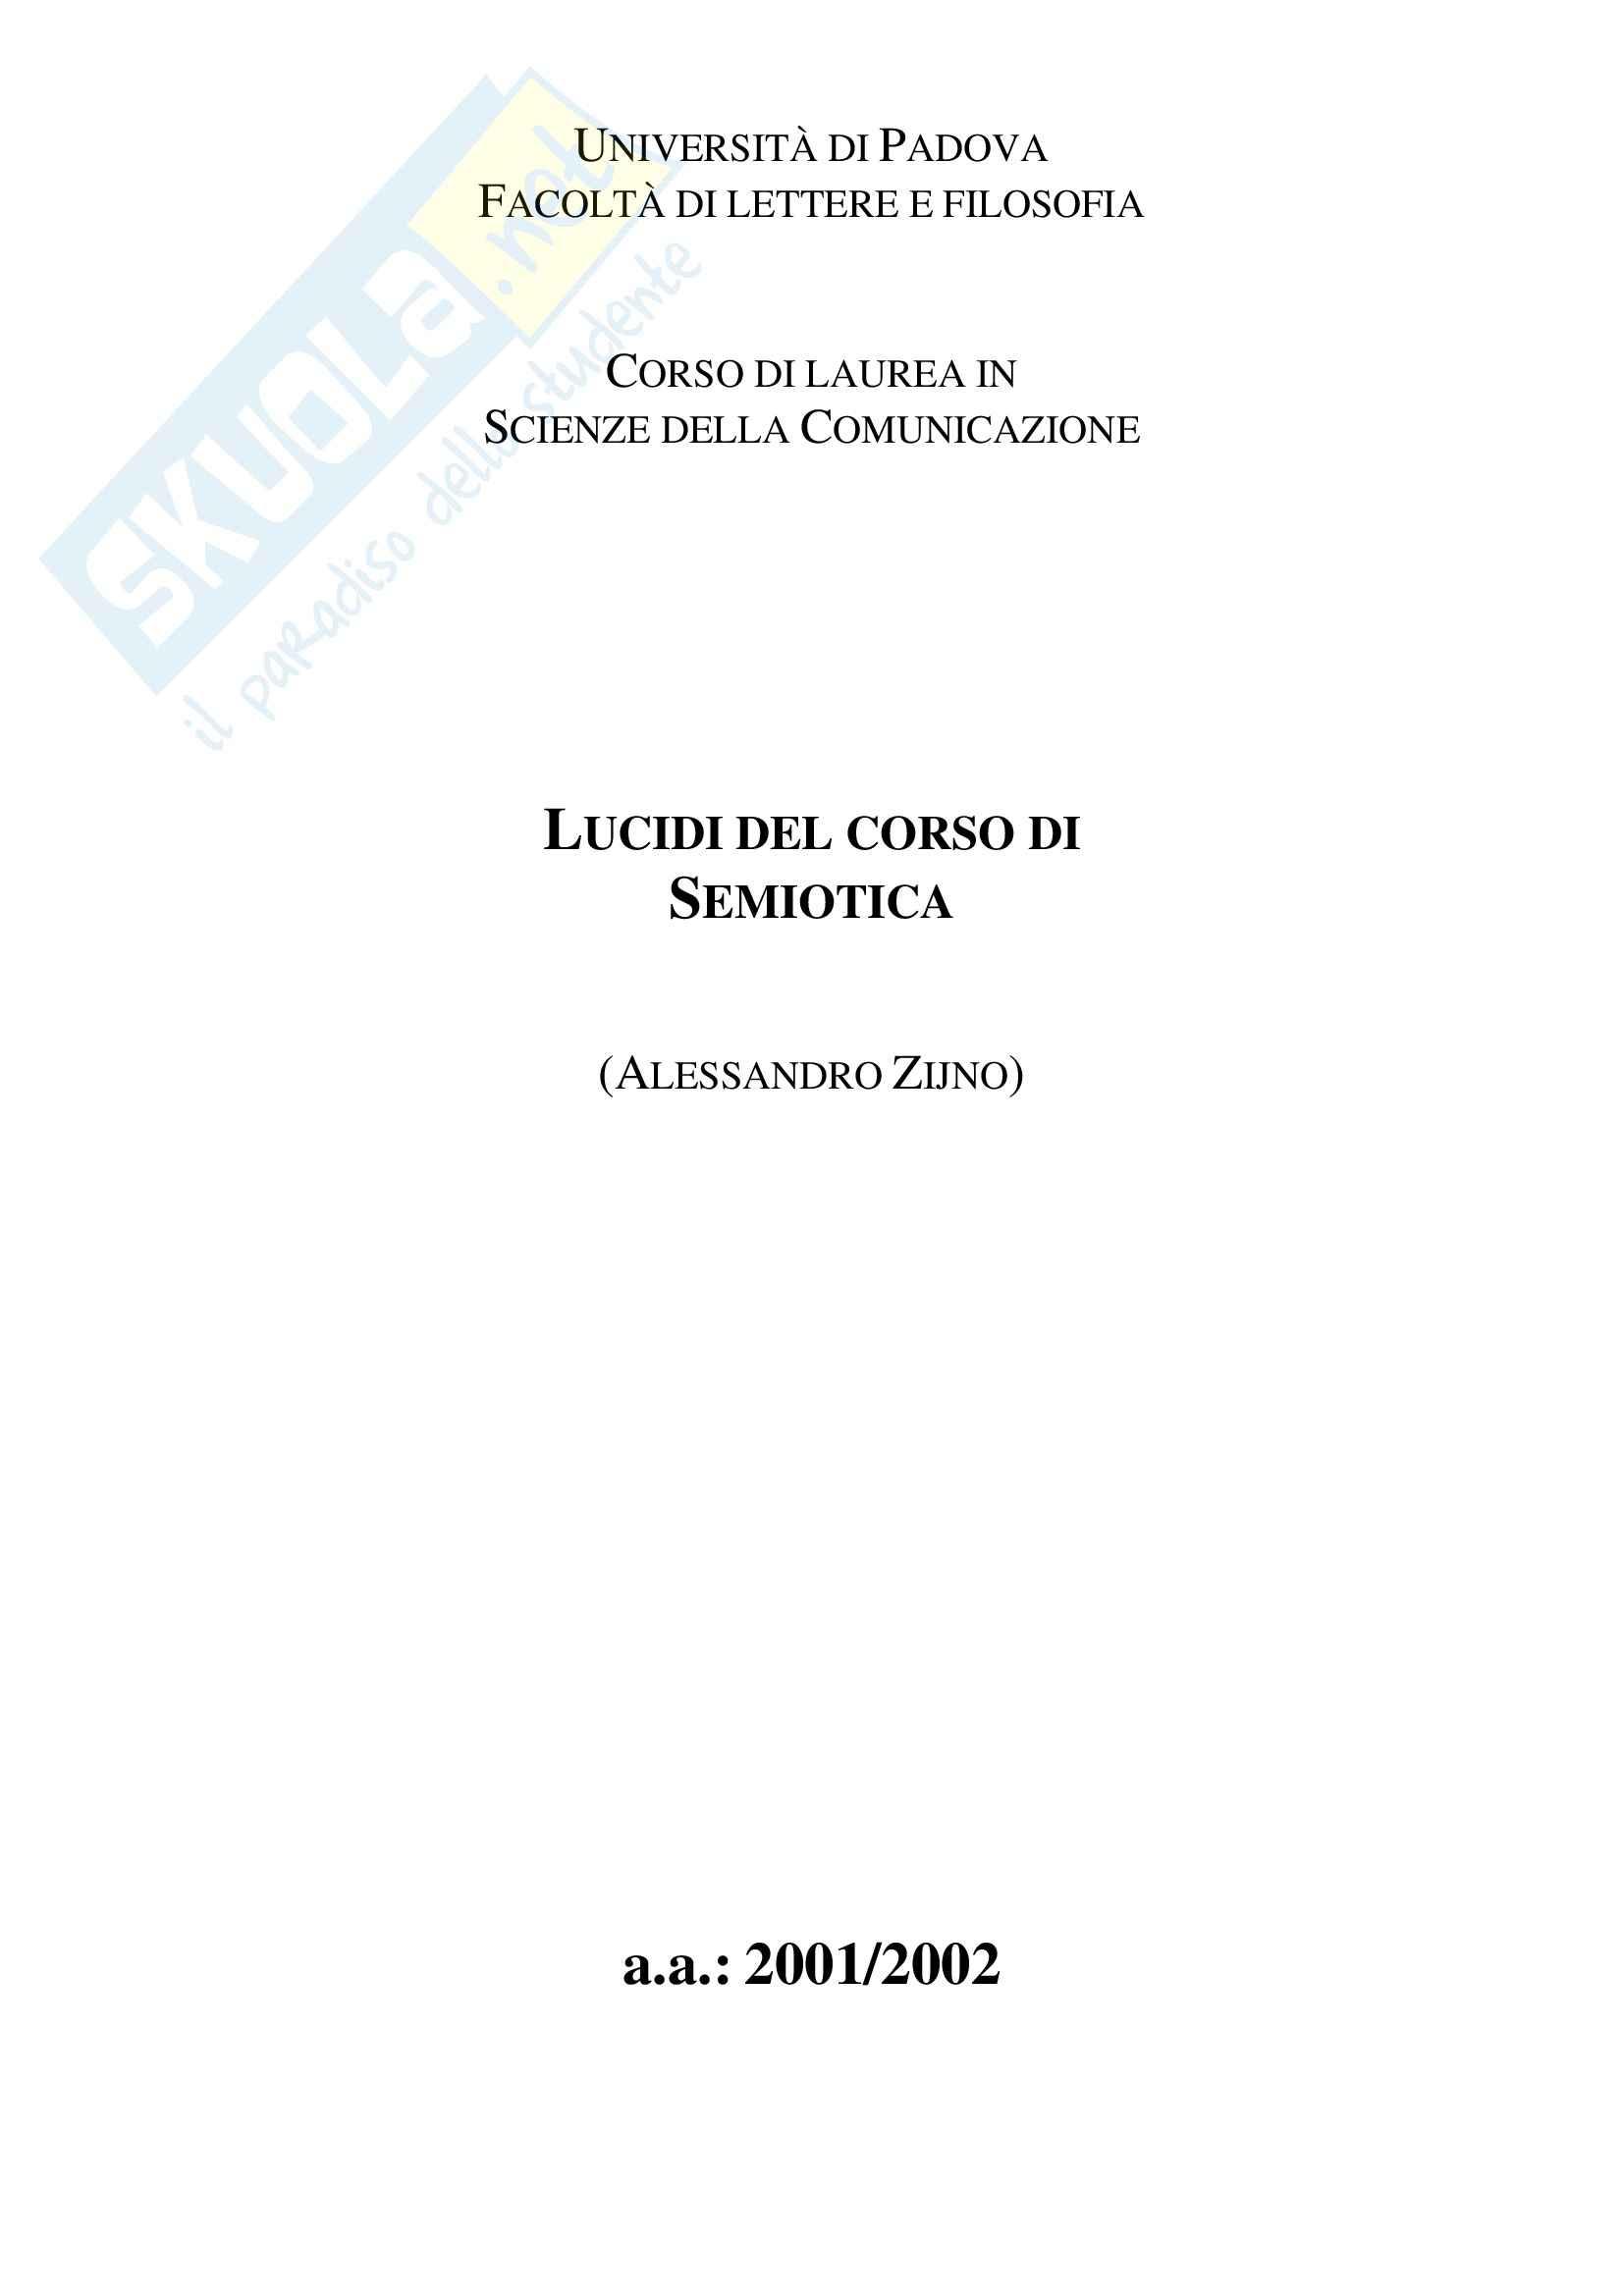 Lucidi 2001/2002